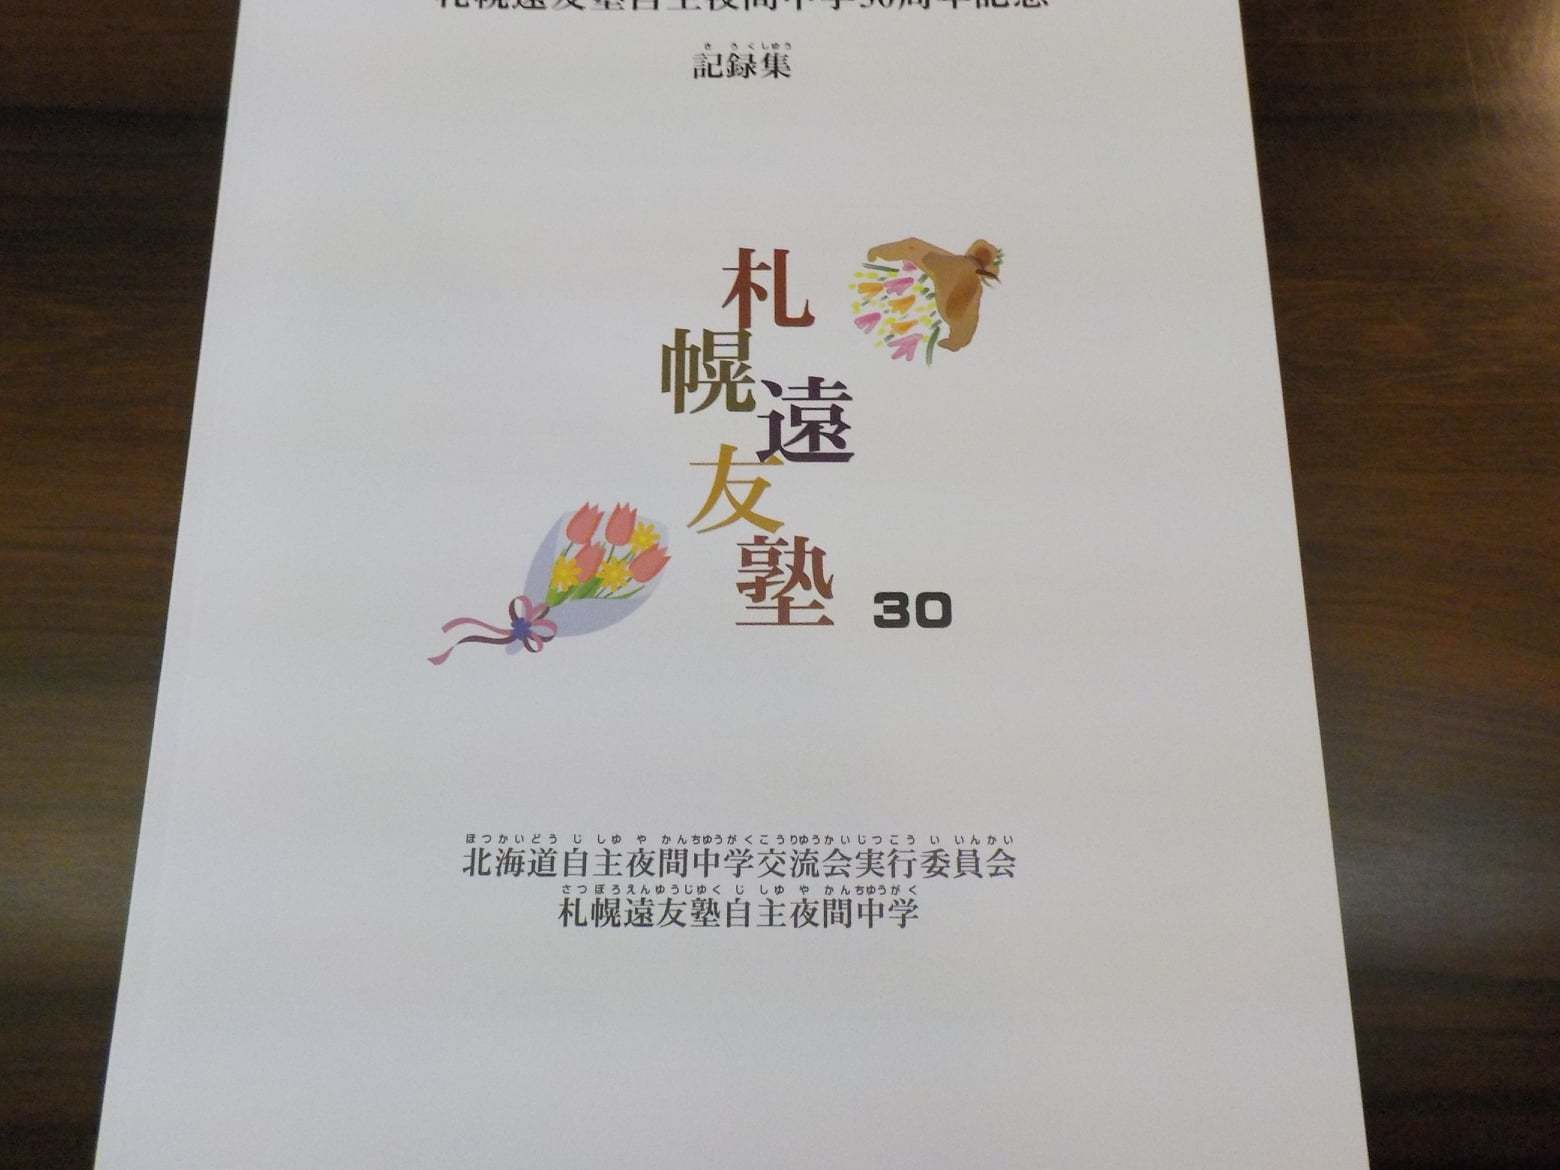 2020年3月16日(火) 今年度最後の学習会_f0202120_09182647.jpg